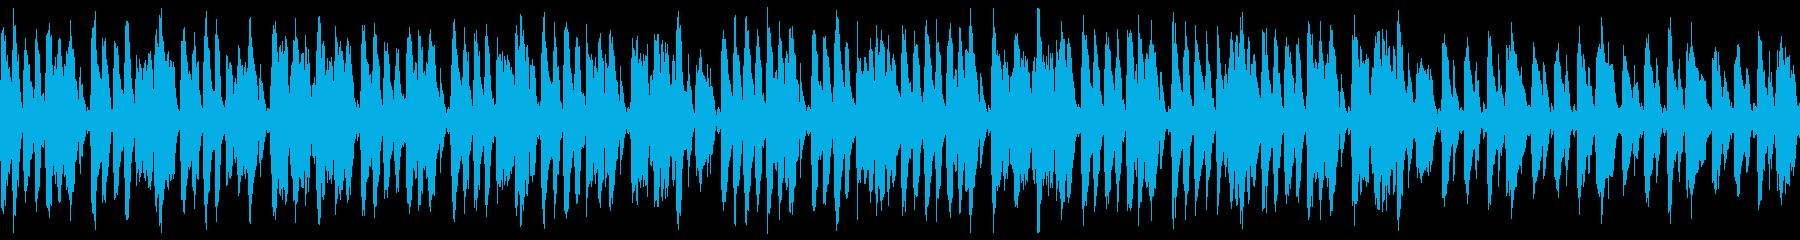 ダーク・夜・速いジプシージャズ(ループの再生済みの波形